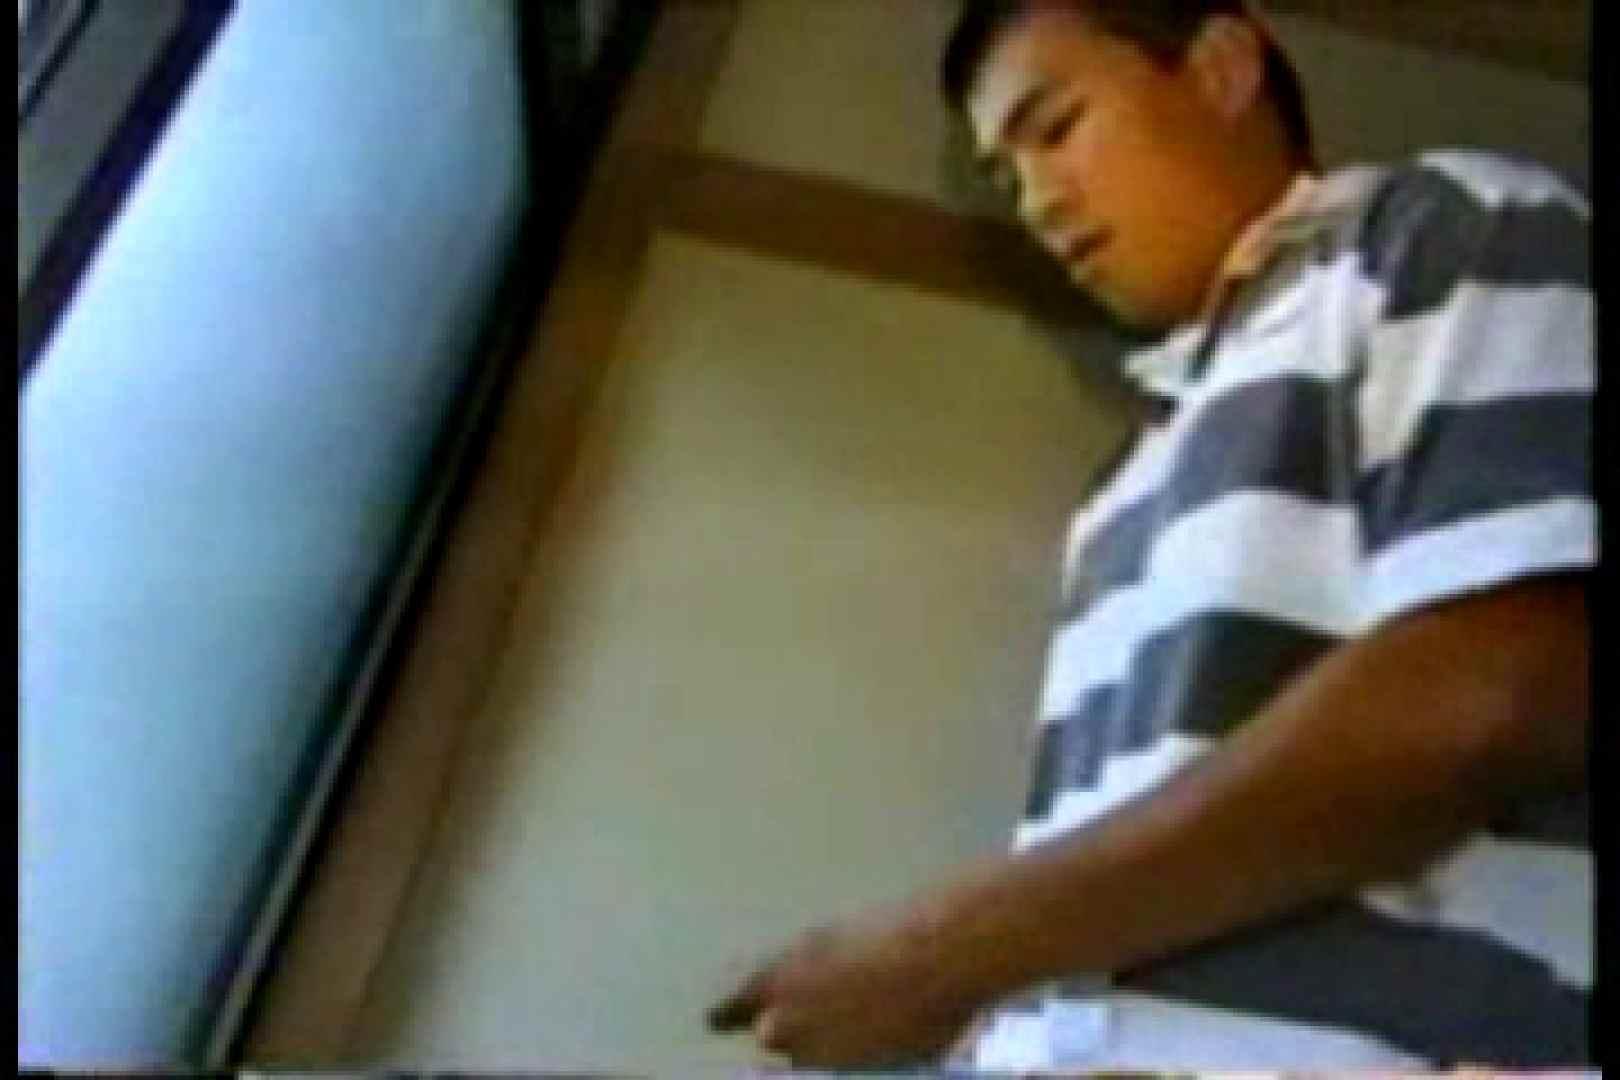 『ノンケ・スポーツマンシップとは・・・! ! 』 第8戦 マッチョ 亀頭もろ画像 73枚 7